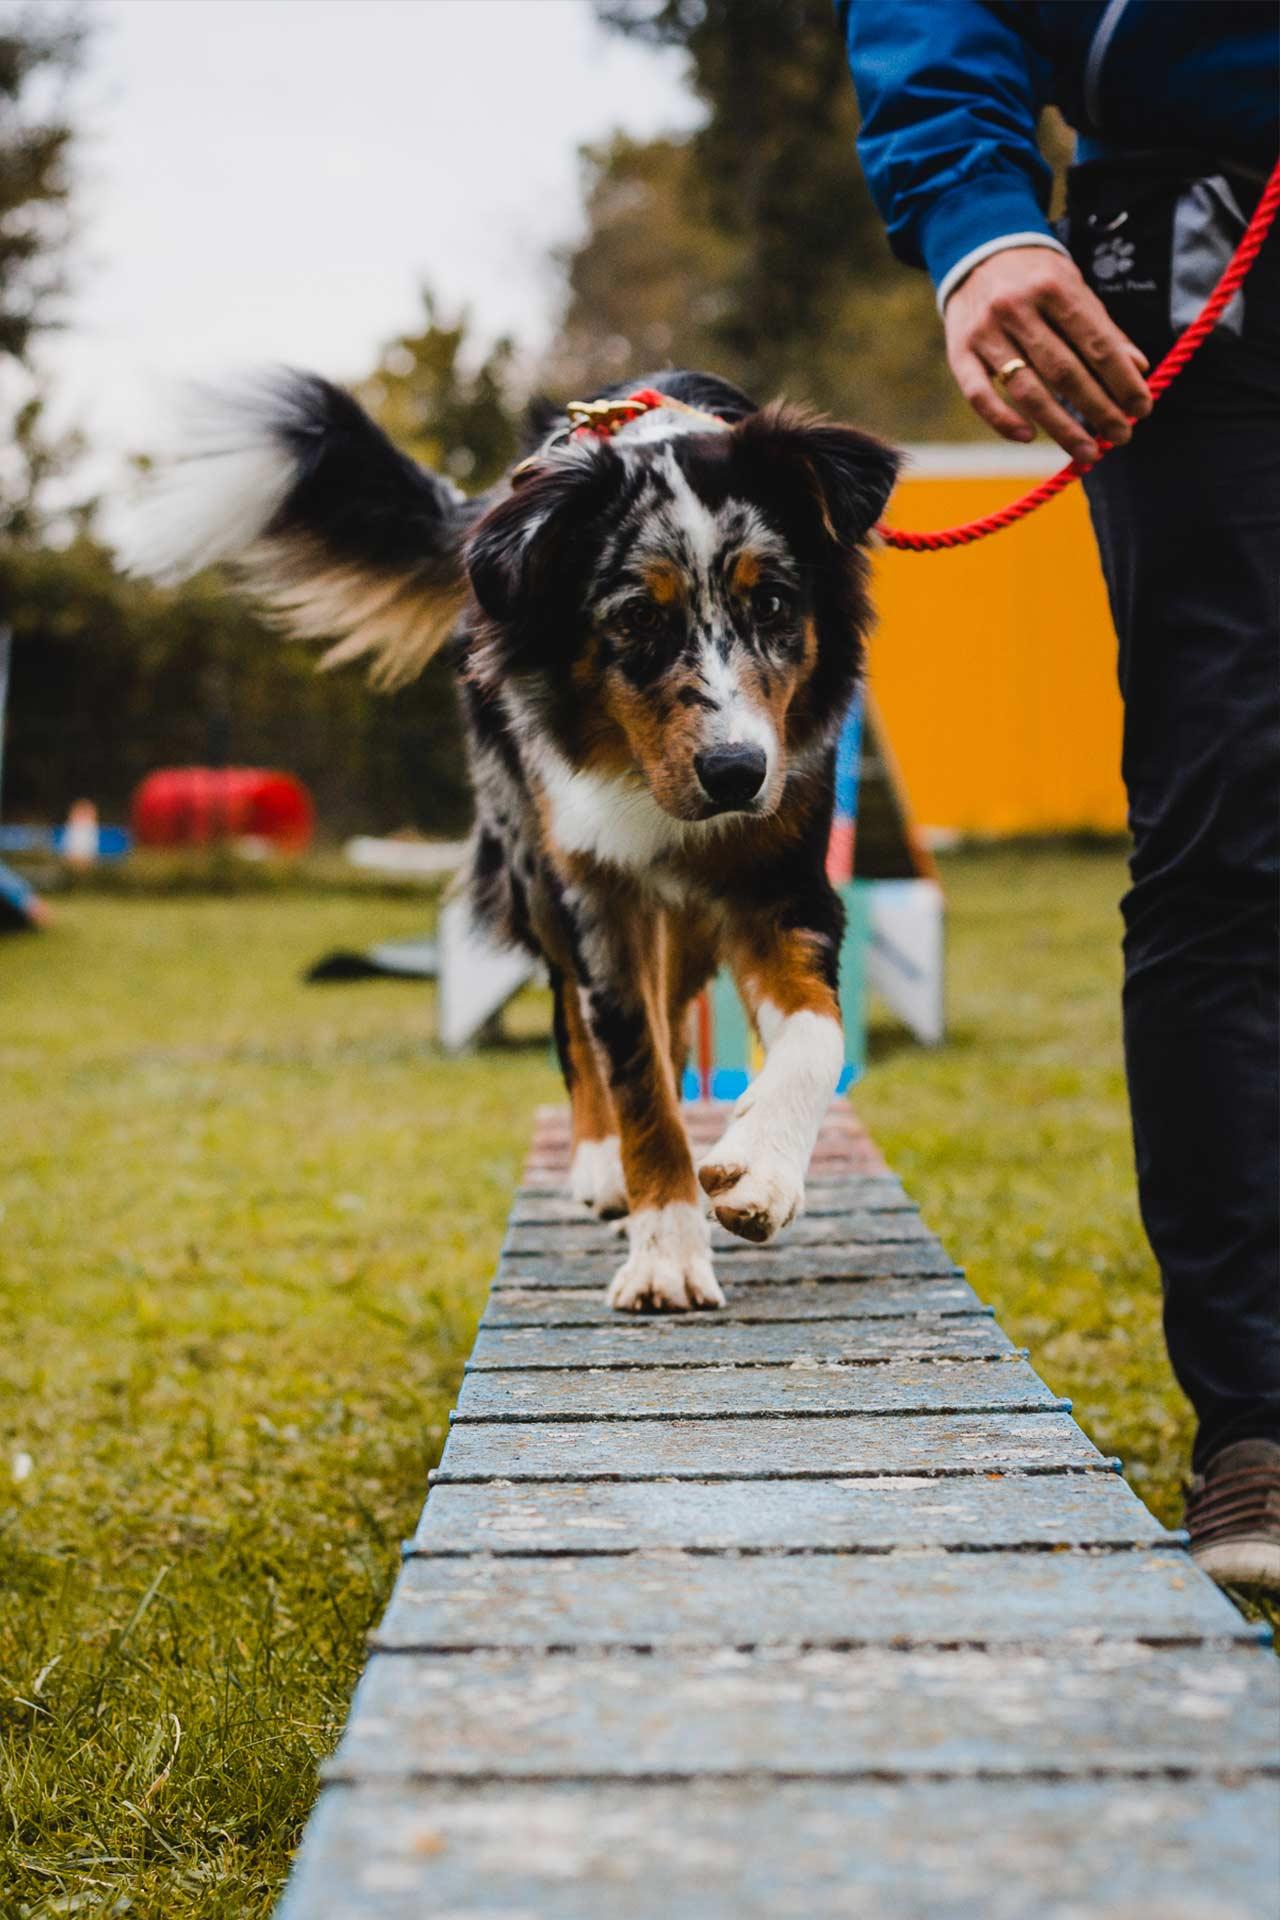 hundpunkt_hundeschule_muenster-kurs-agility-hundesport-3